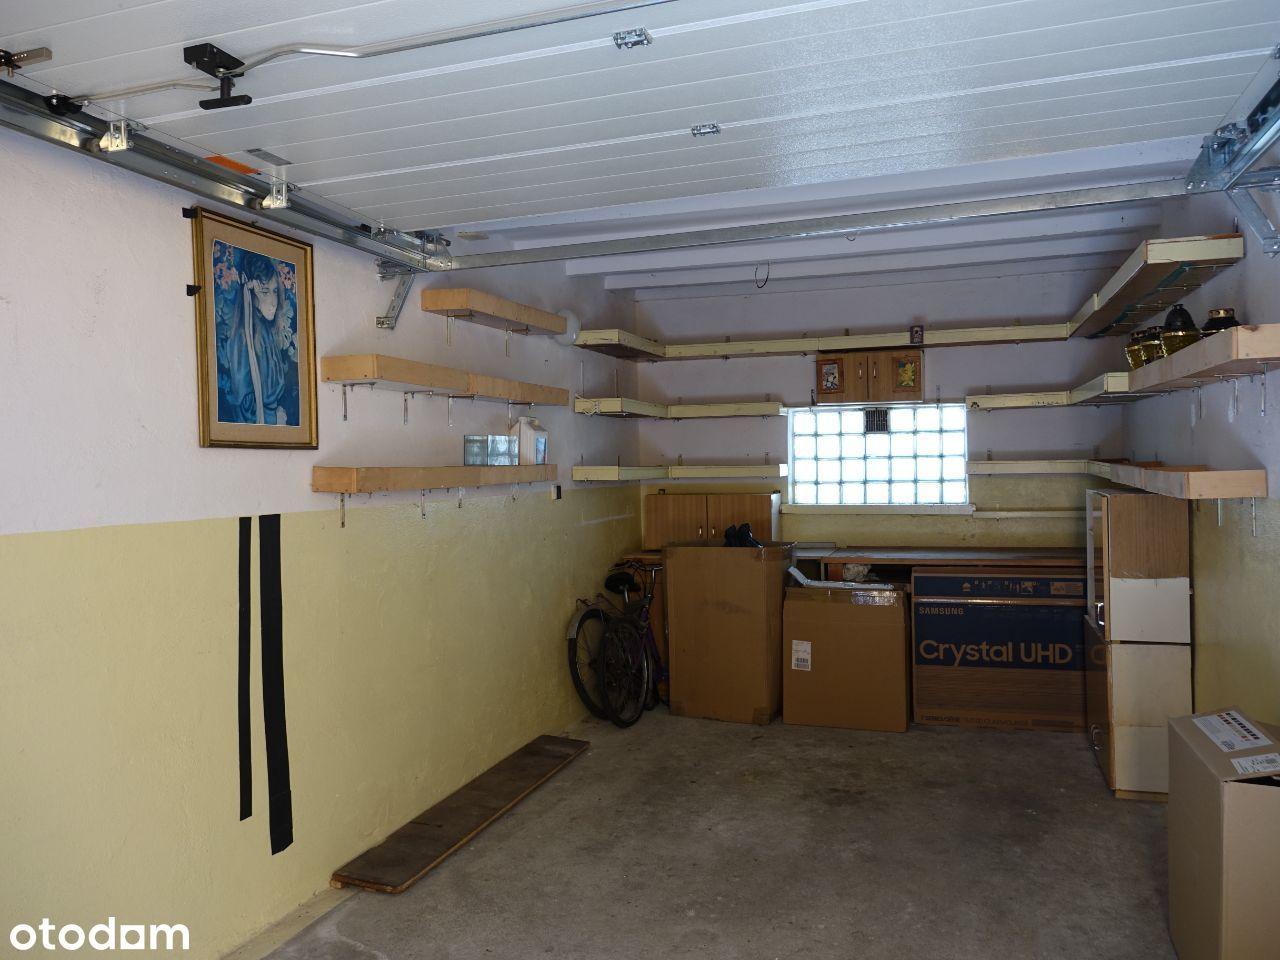 Garaż, Gdynia, ul. Podgórska